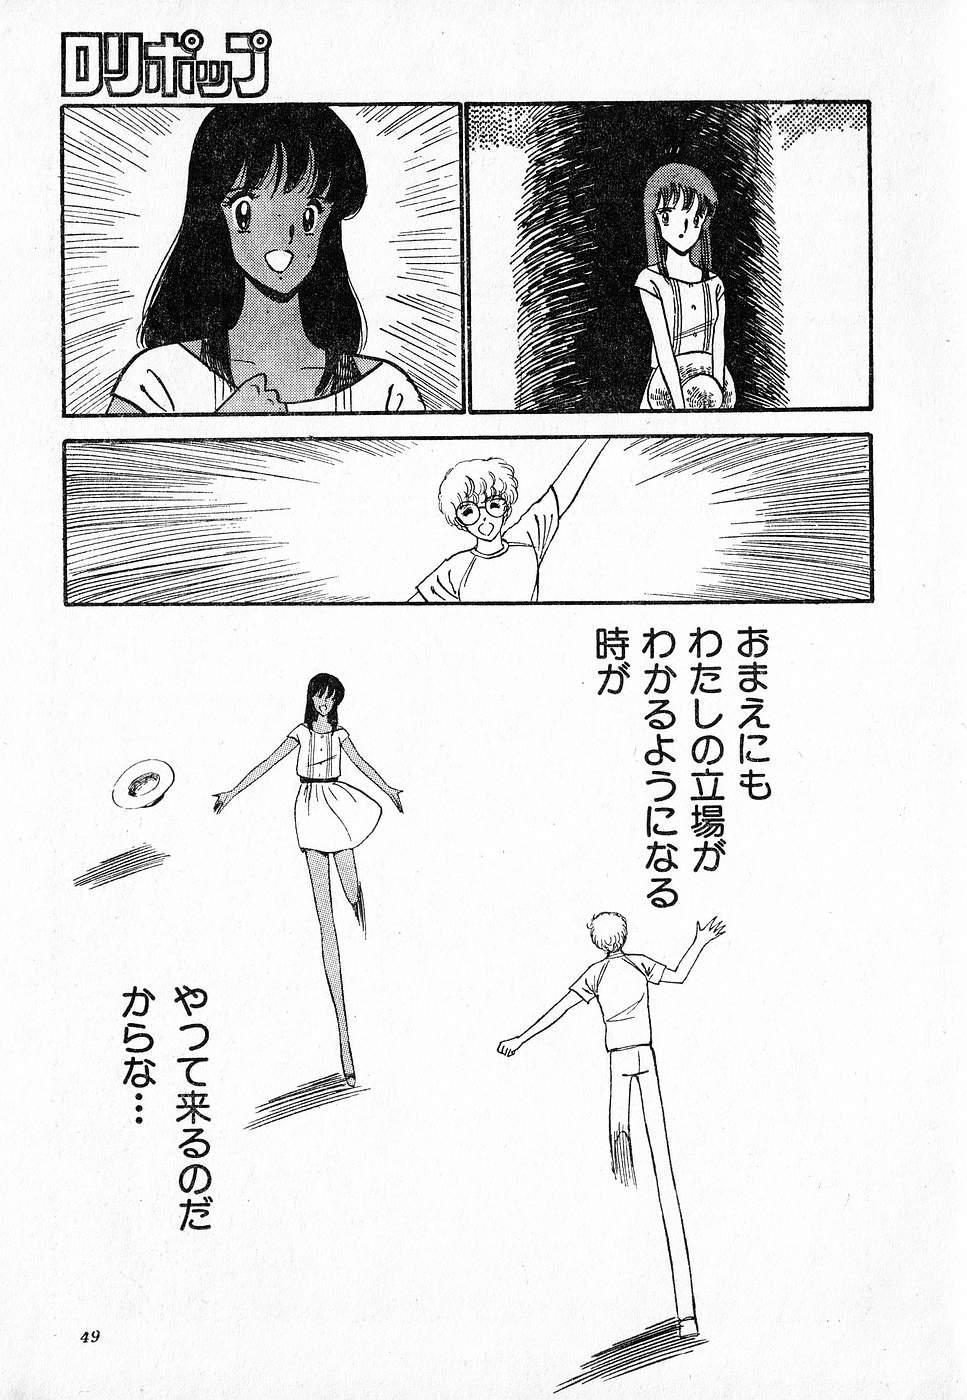 COMIC Lolipop 1985-10 Soukanjunbigou Aki 48